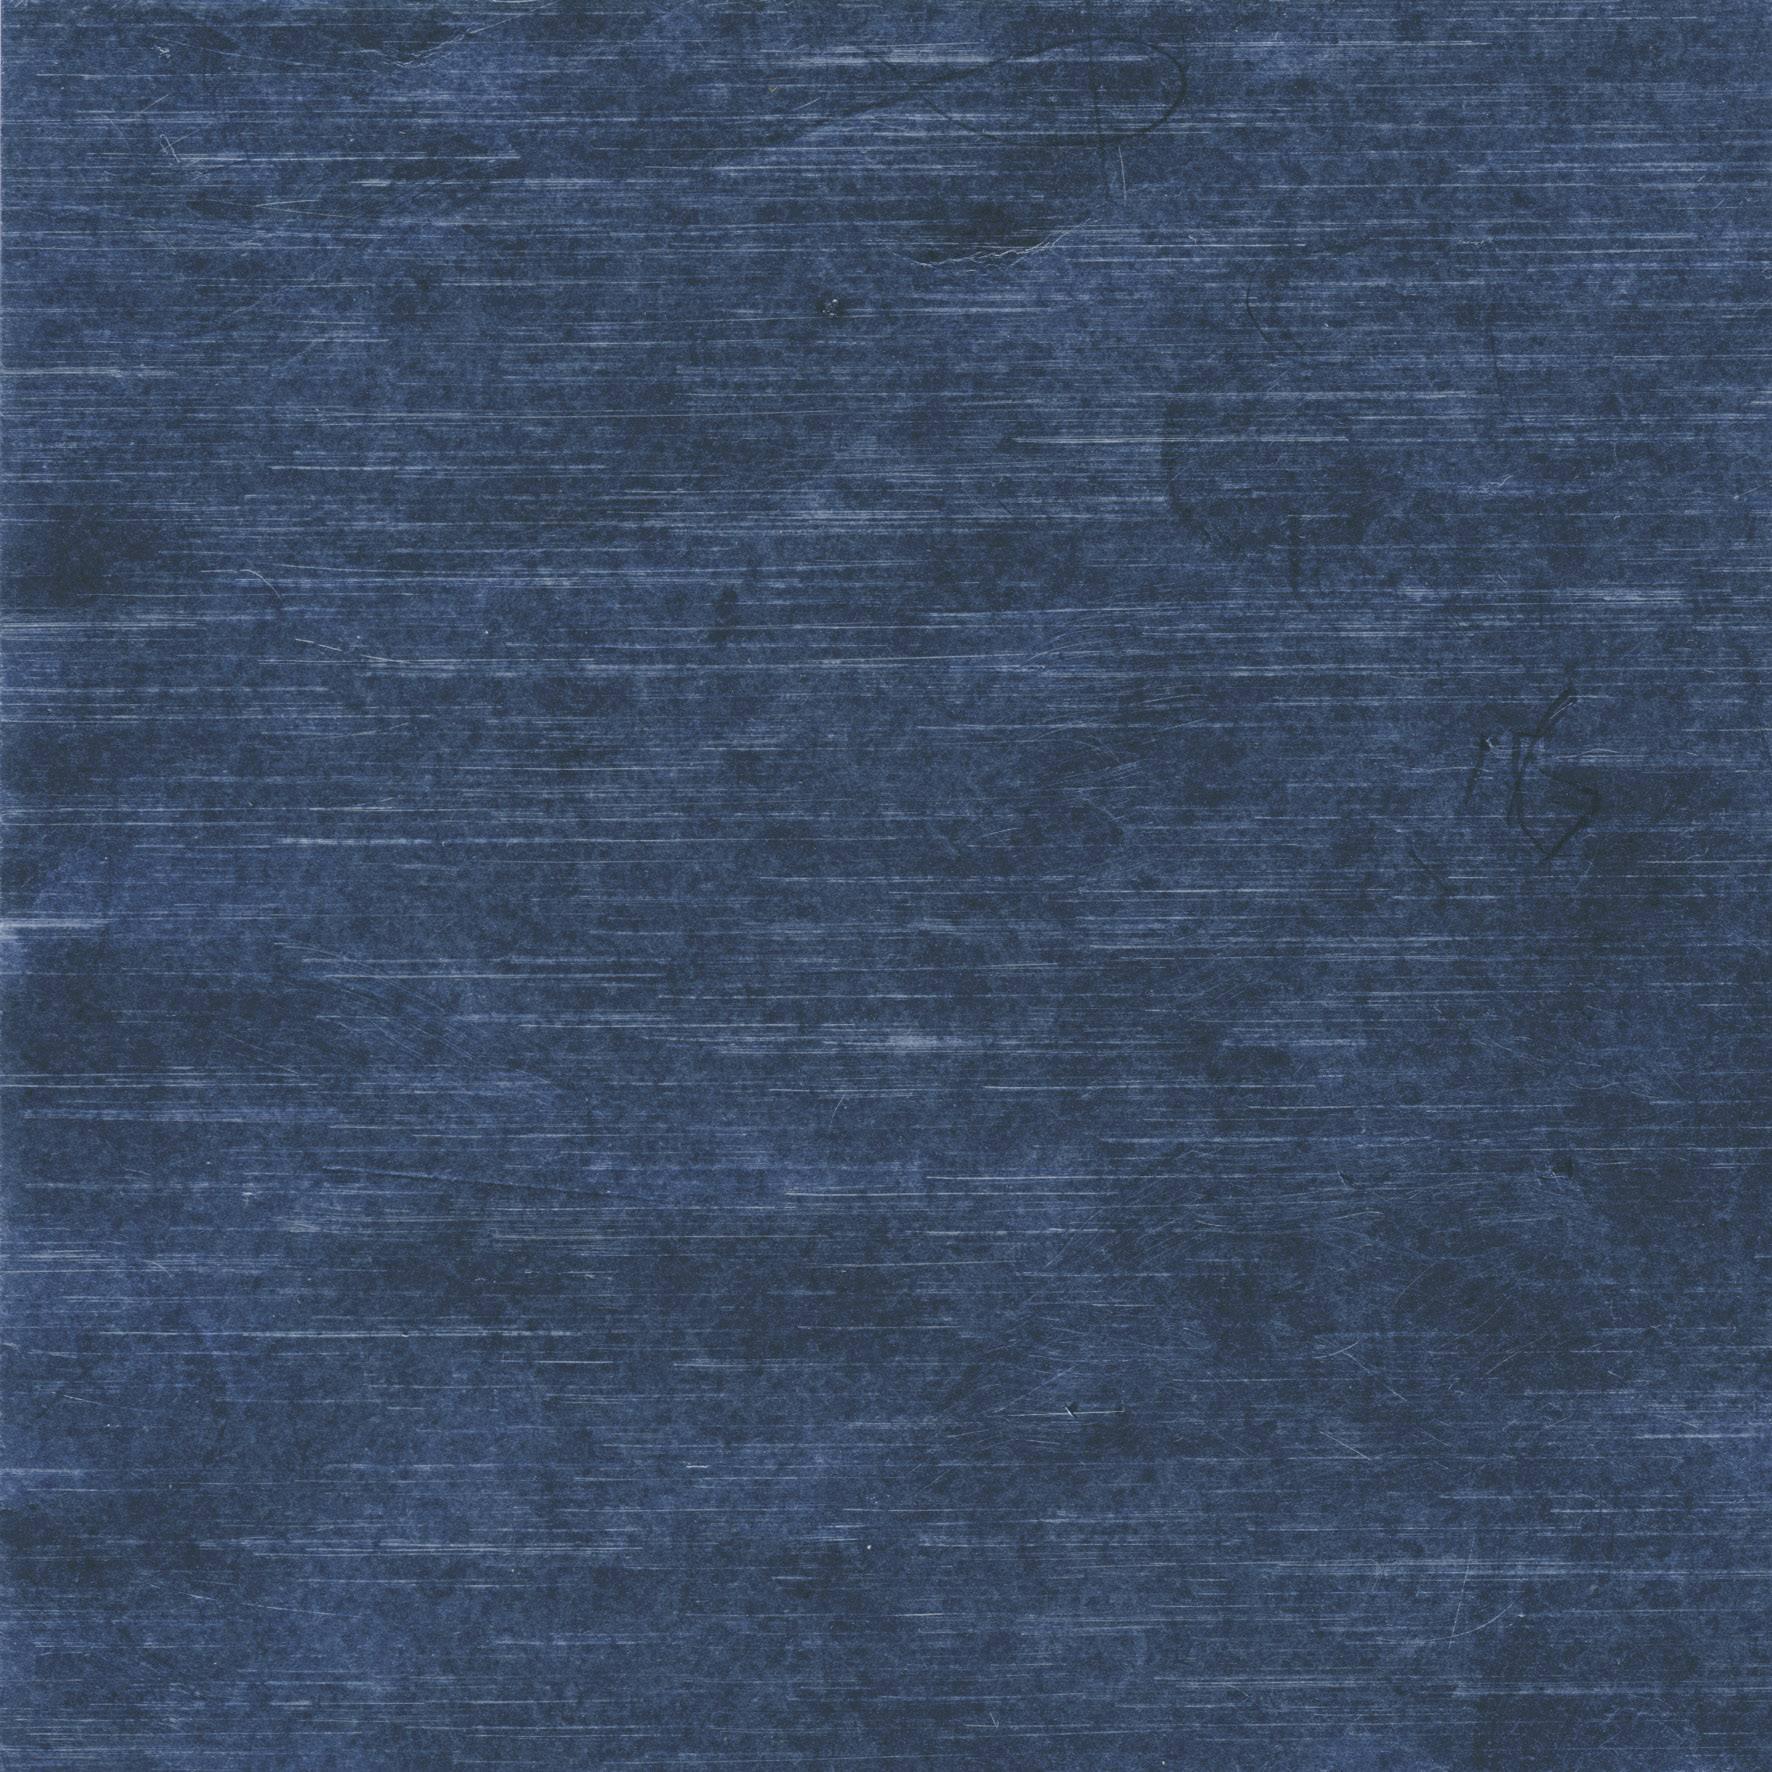 Teplovodivá fólie Kerafol 90/10, 100 x 100 mm, grafitová